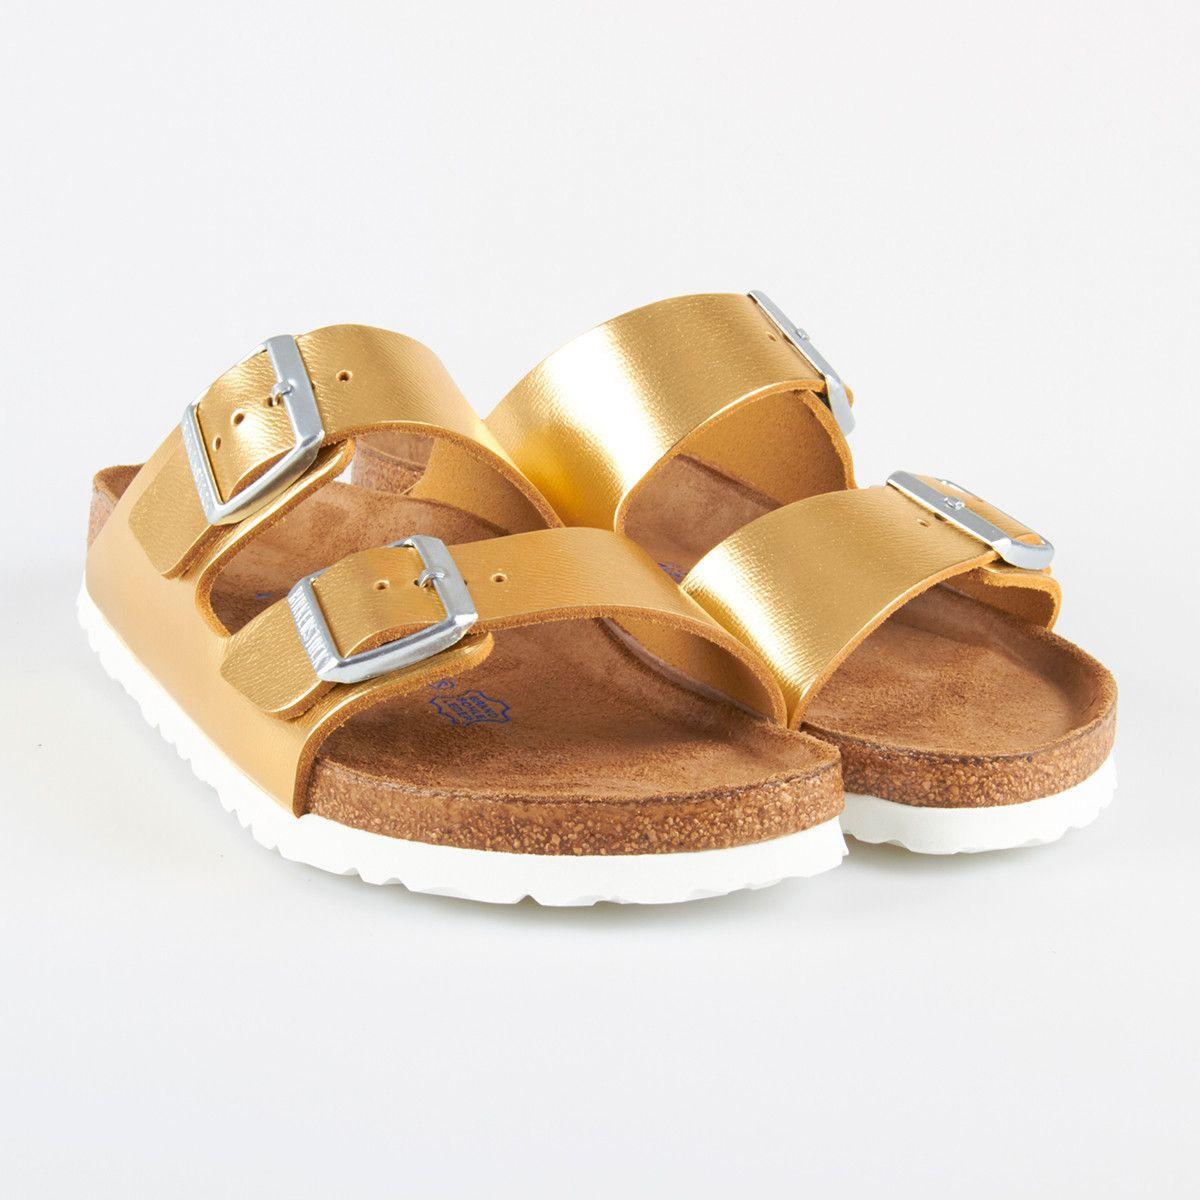 Birkenstock Arizona Metallic Gold, Birkenstock - iloveshoes.dk